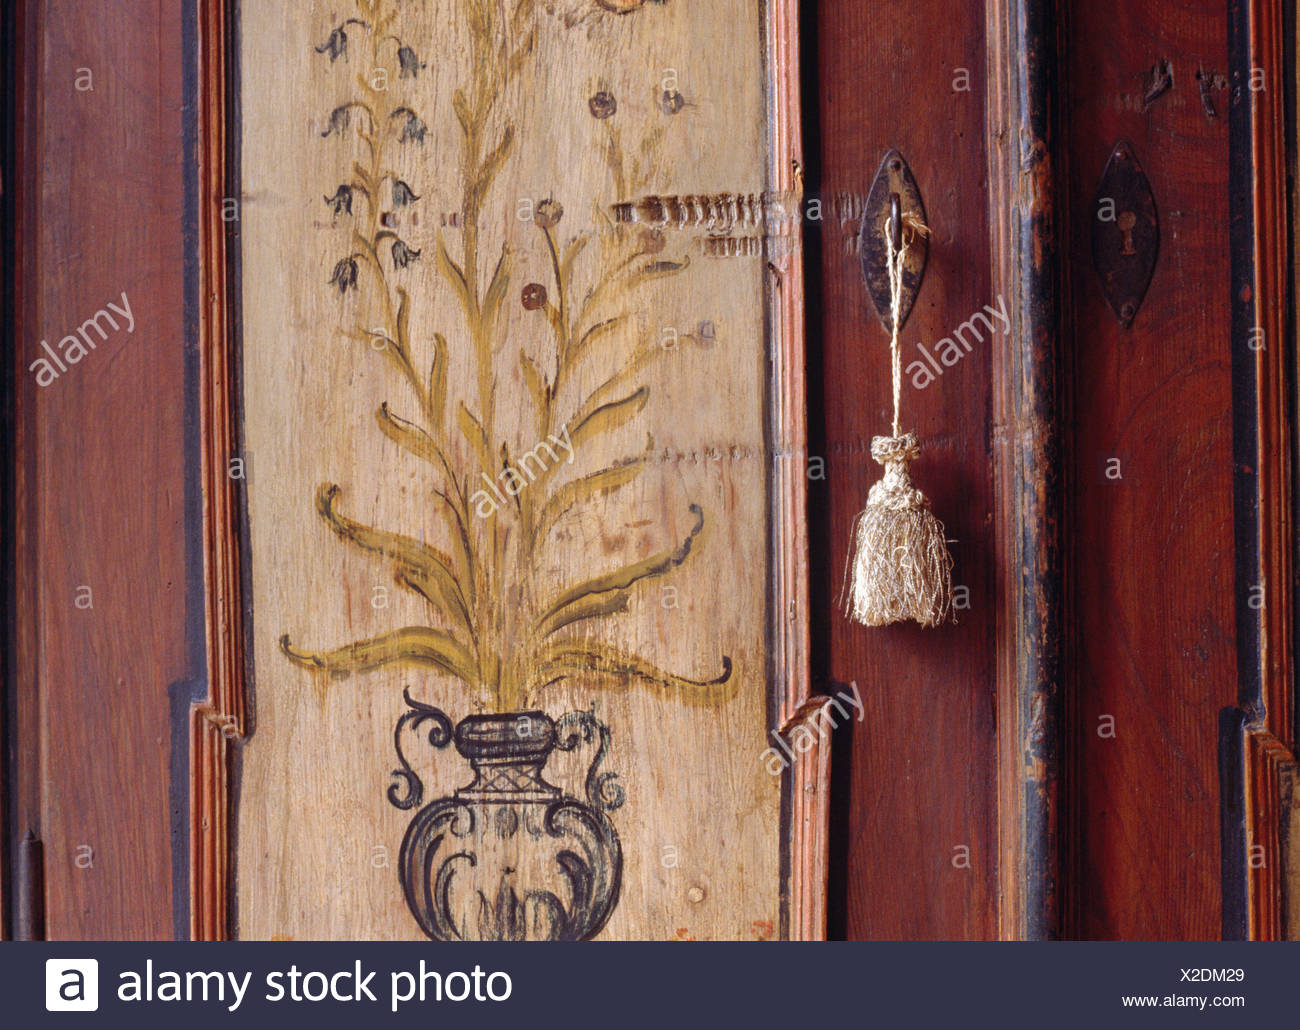 Credenza Con Llave : Key tassel immagini & fotos stock alamy